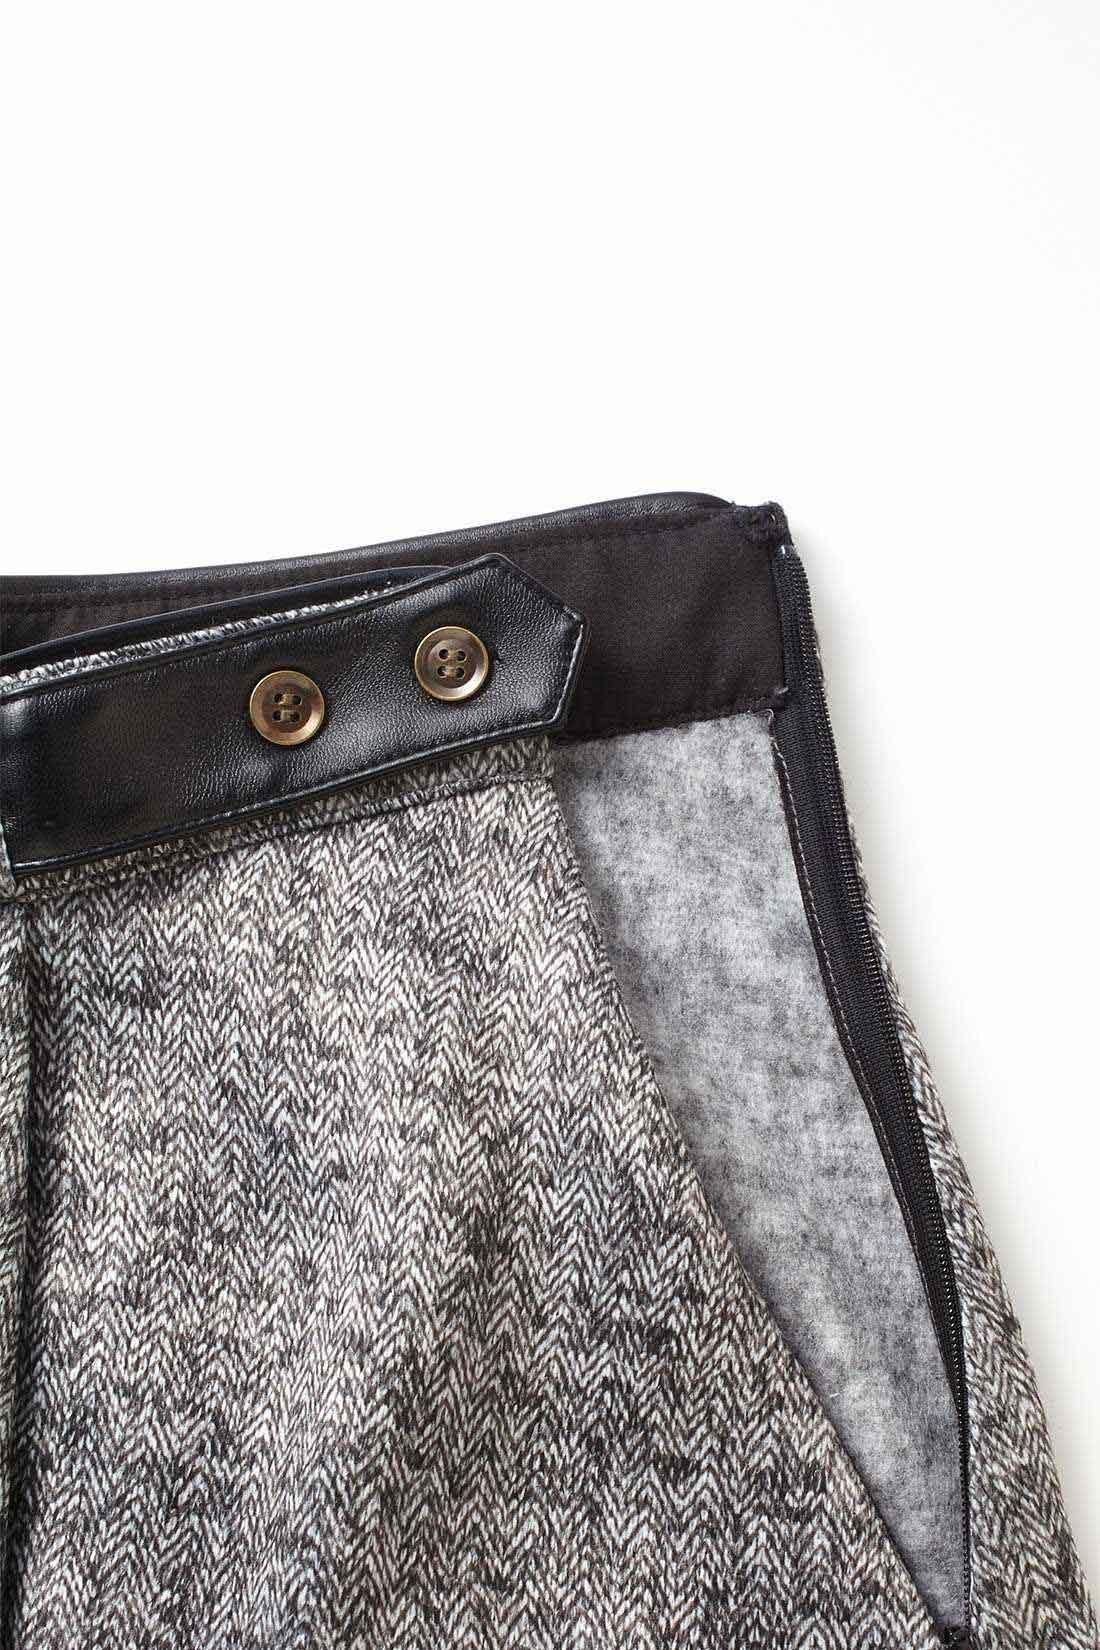 サイドファスナーで着やすさ◎。 トレンドのラップスカートに見せかけて、実はすっきり横開きのサイドファスナー仕様で着脱簡単。